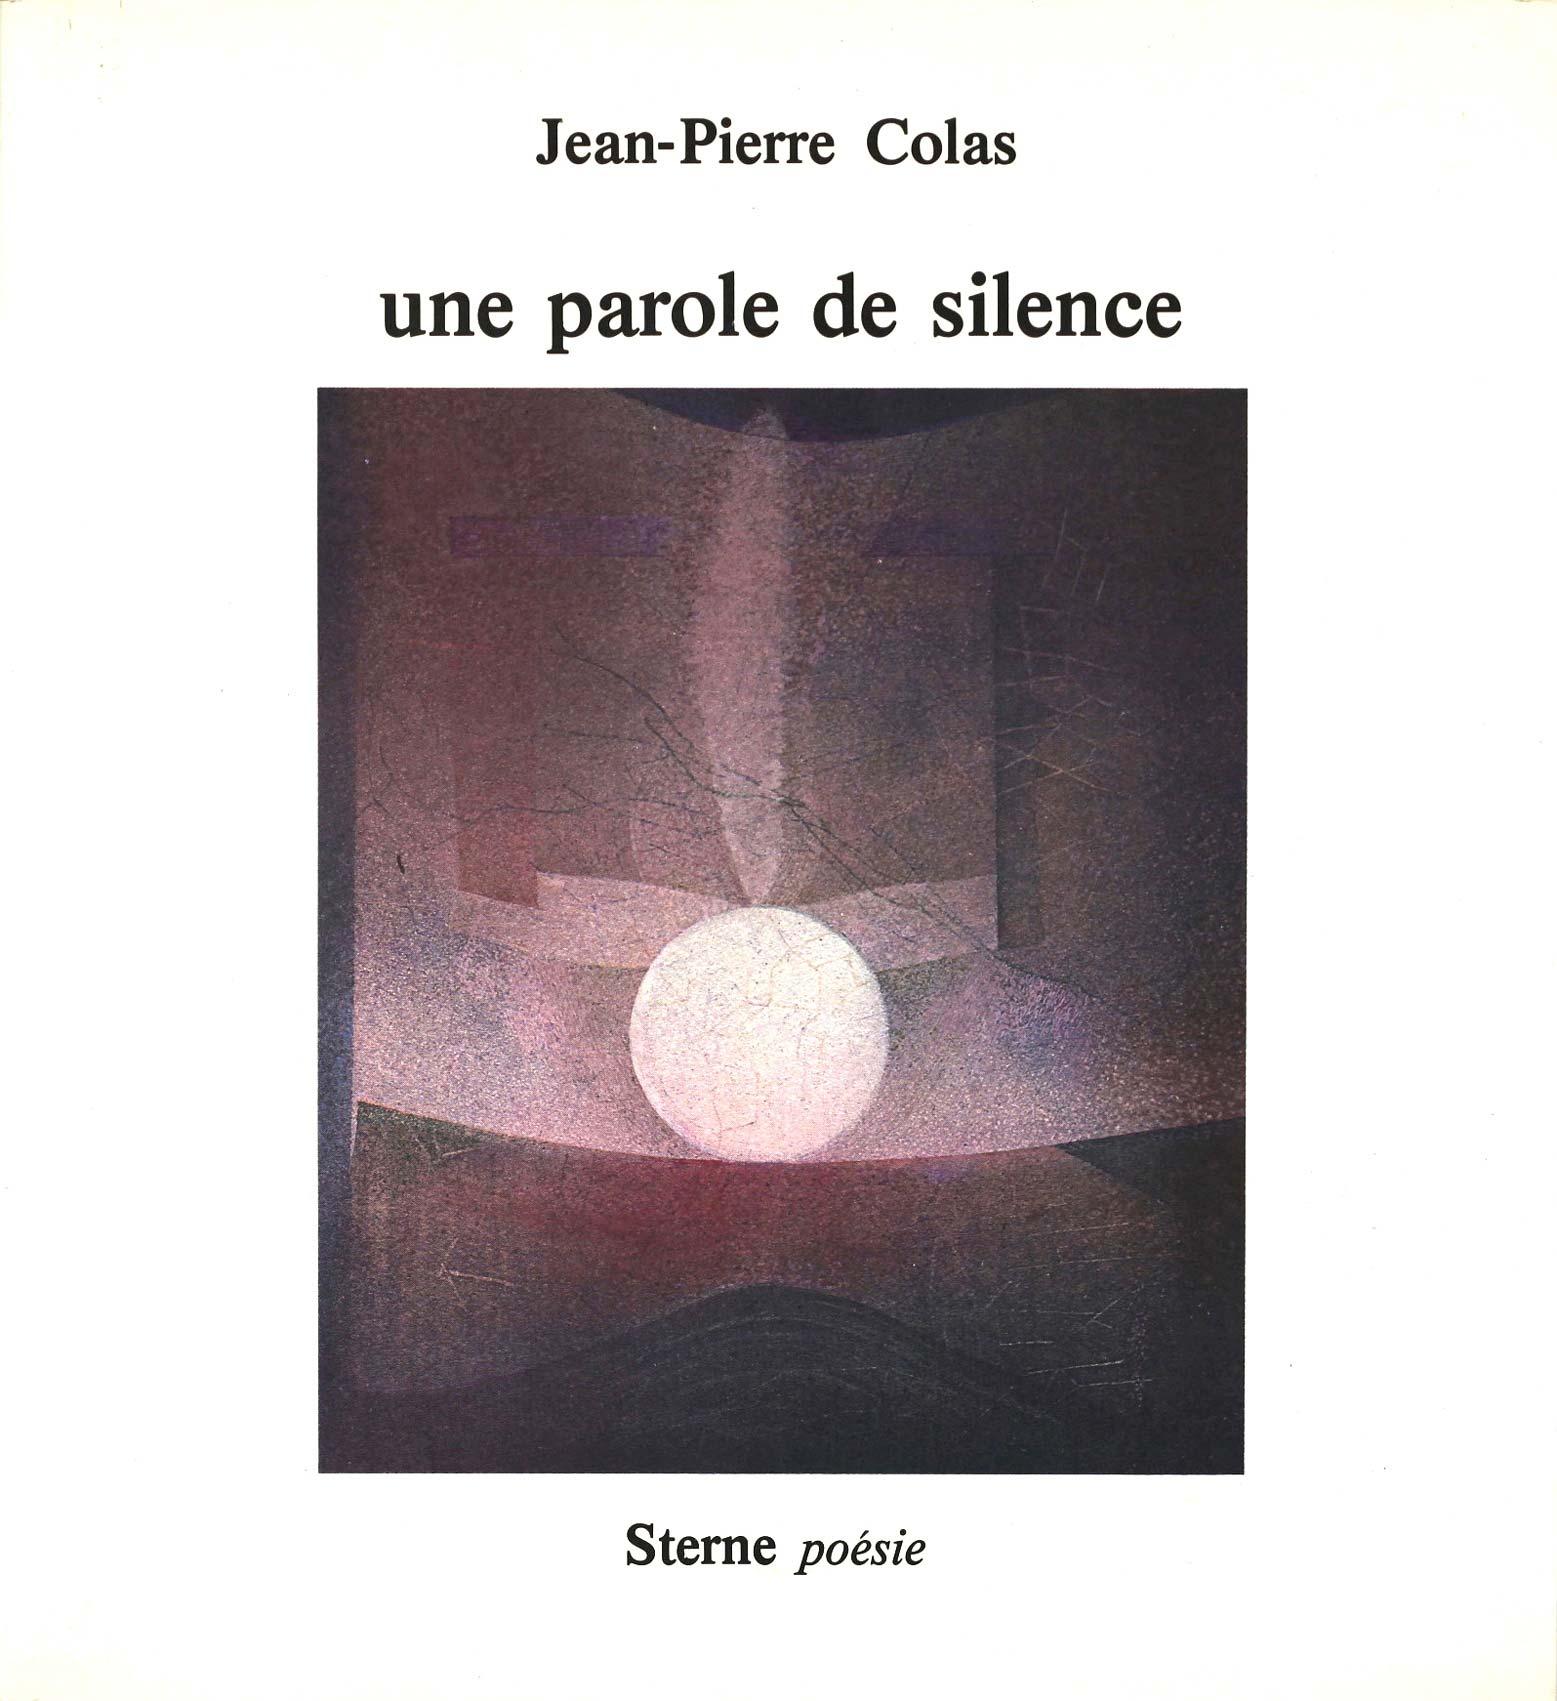 Jean-Pierre Colas, Une parole de silence, STERNE poésie, 1982